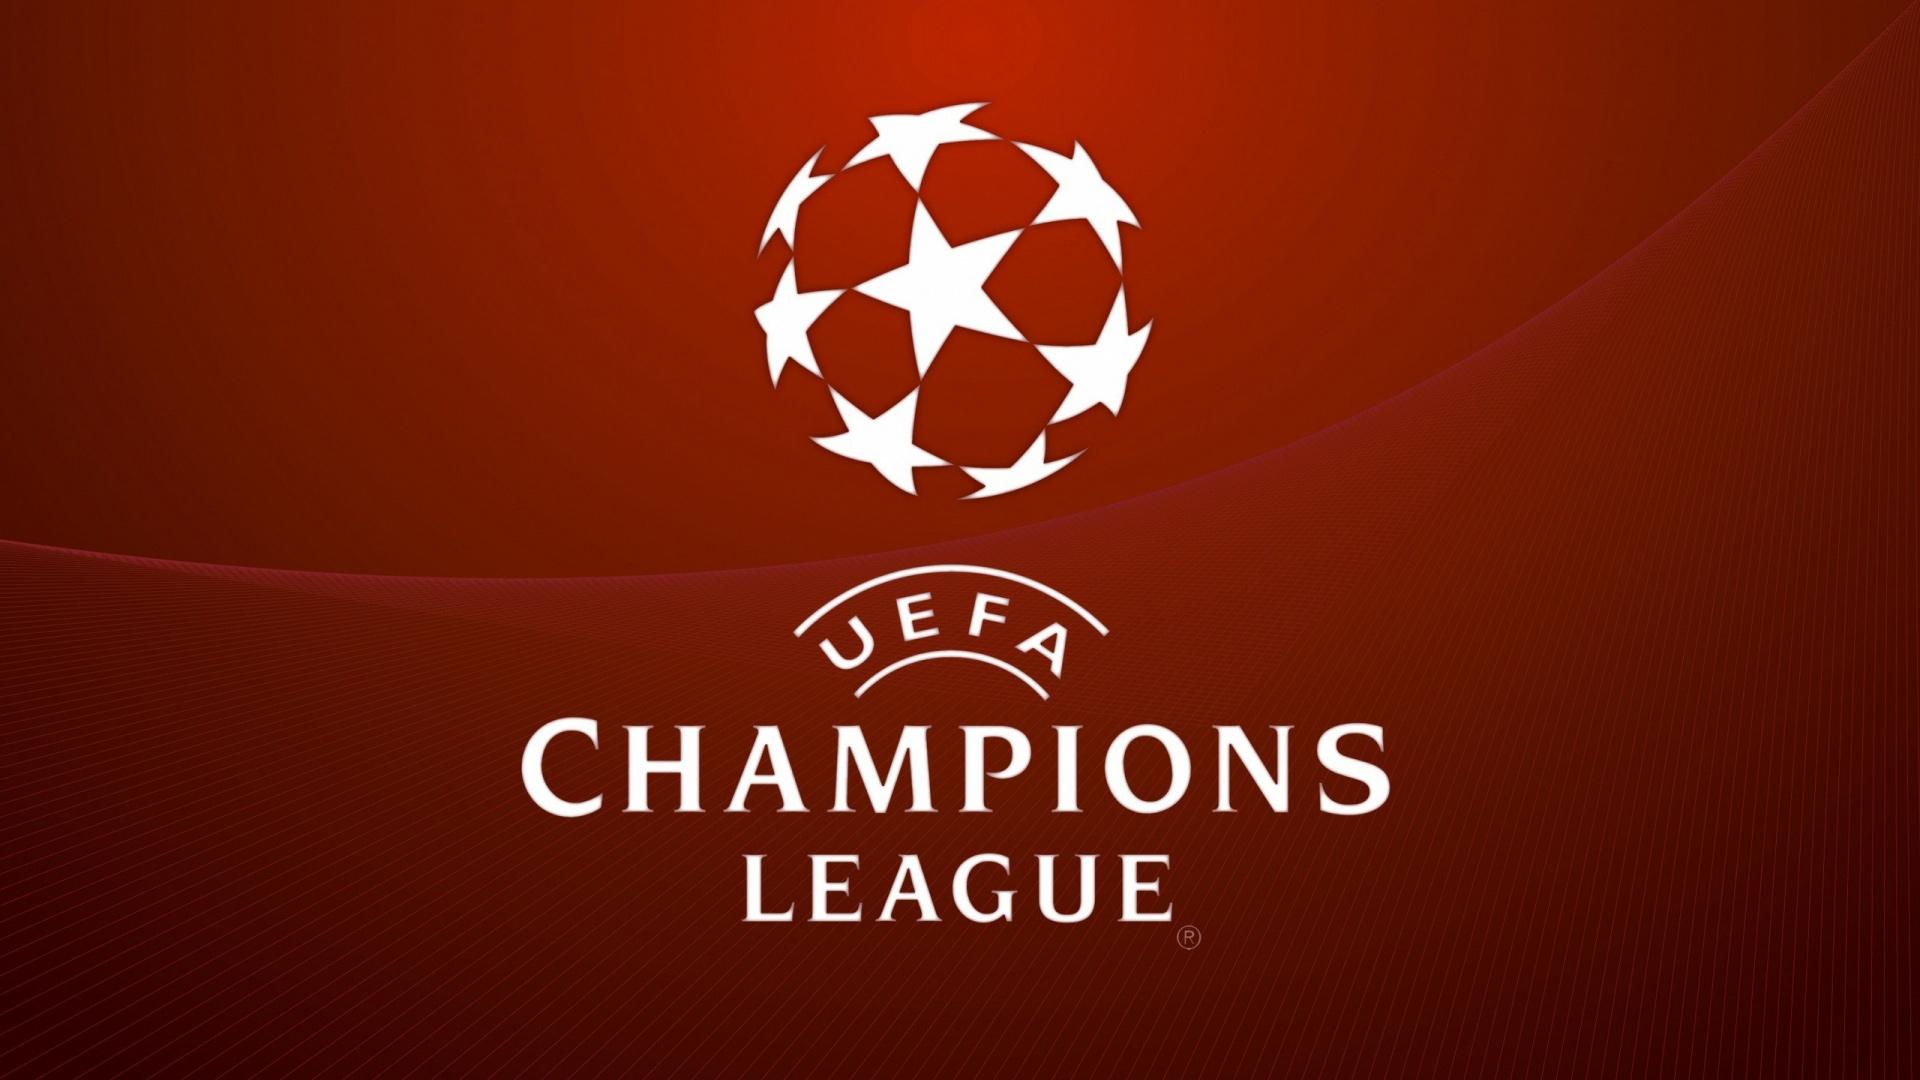 Чемпионов логотип лиги чемпионов на